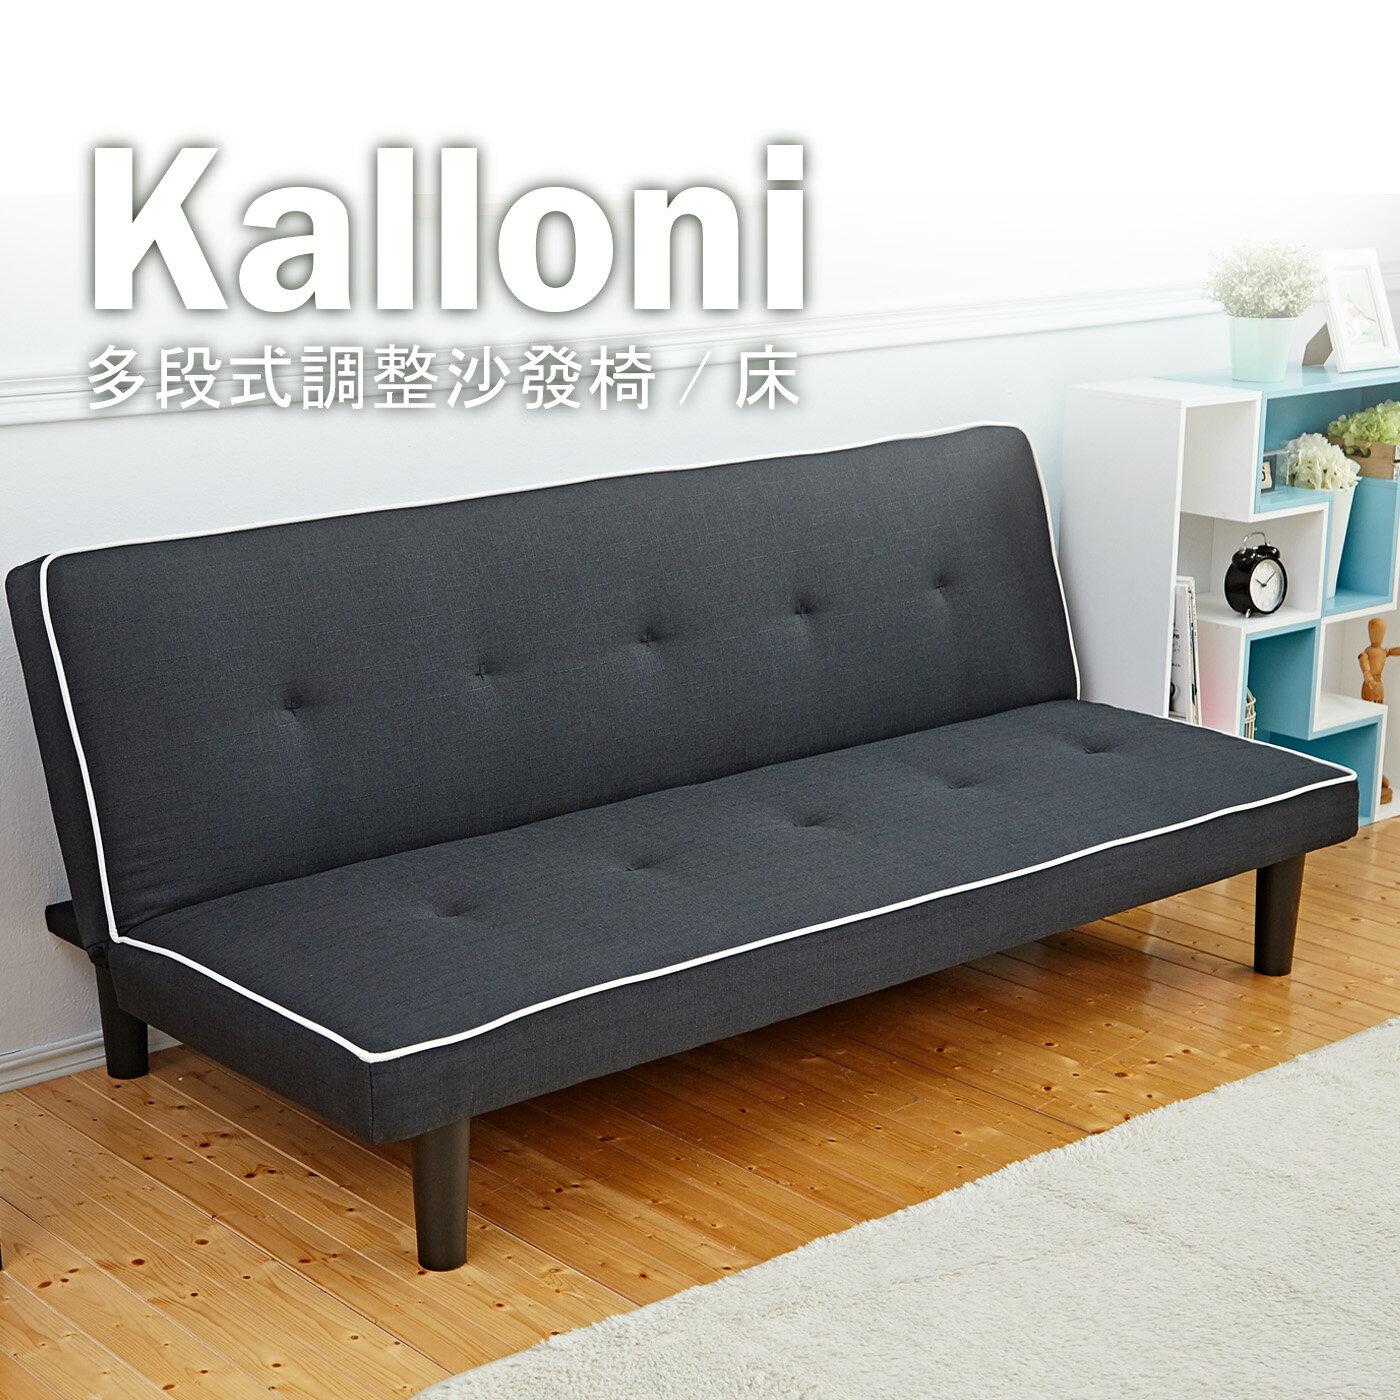 Kalloni卡洛尼多段式調整沙發床/布沙發椅★班尼斯國際家具名床 1